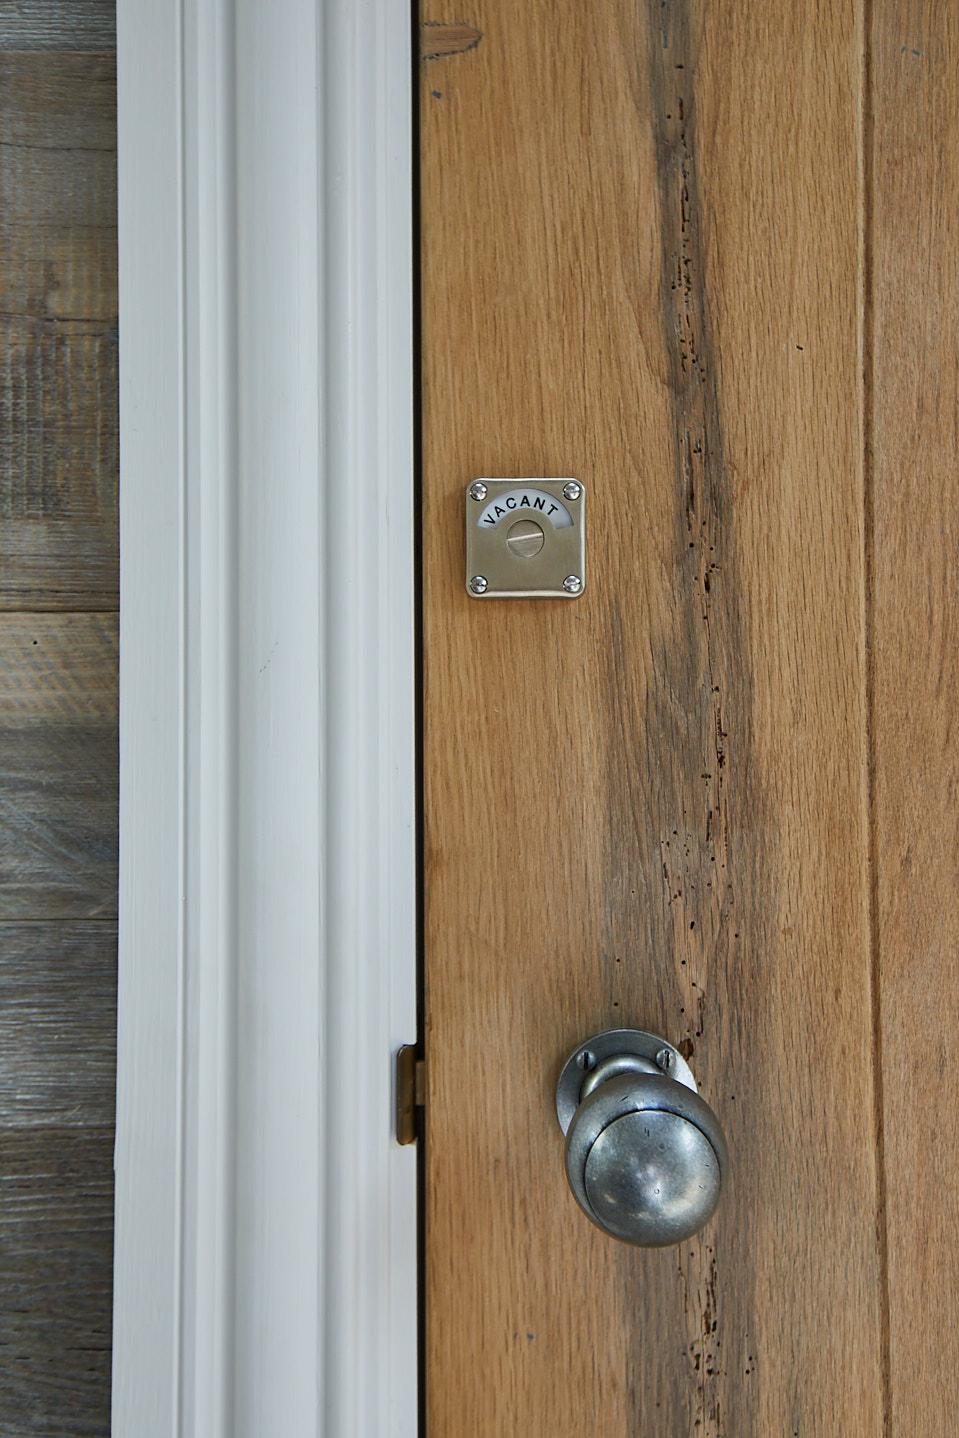 Internal Door Latch